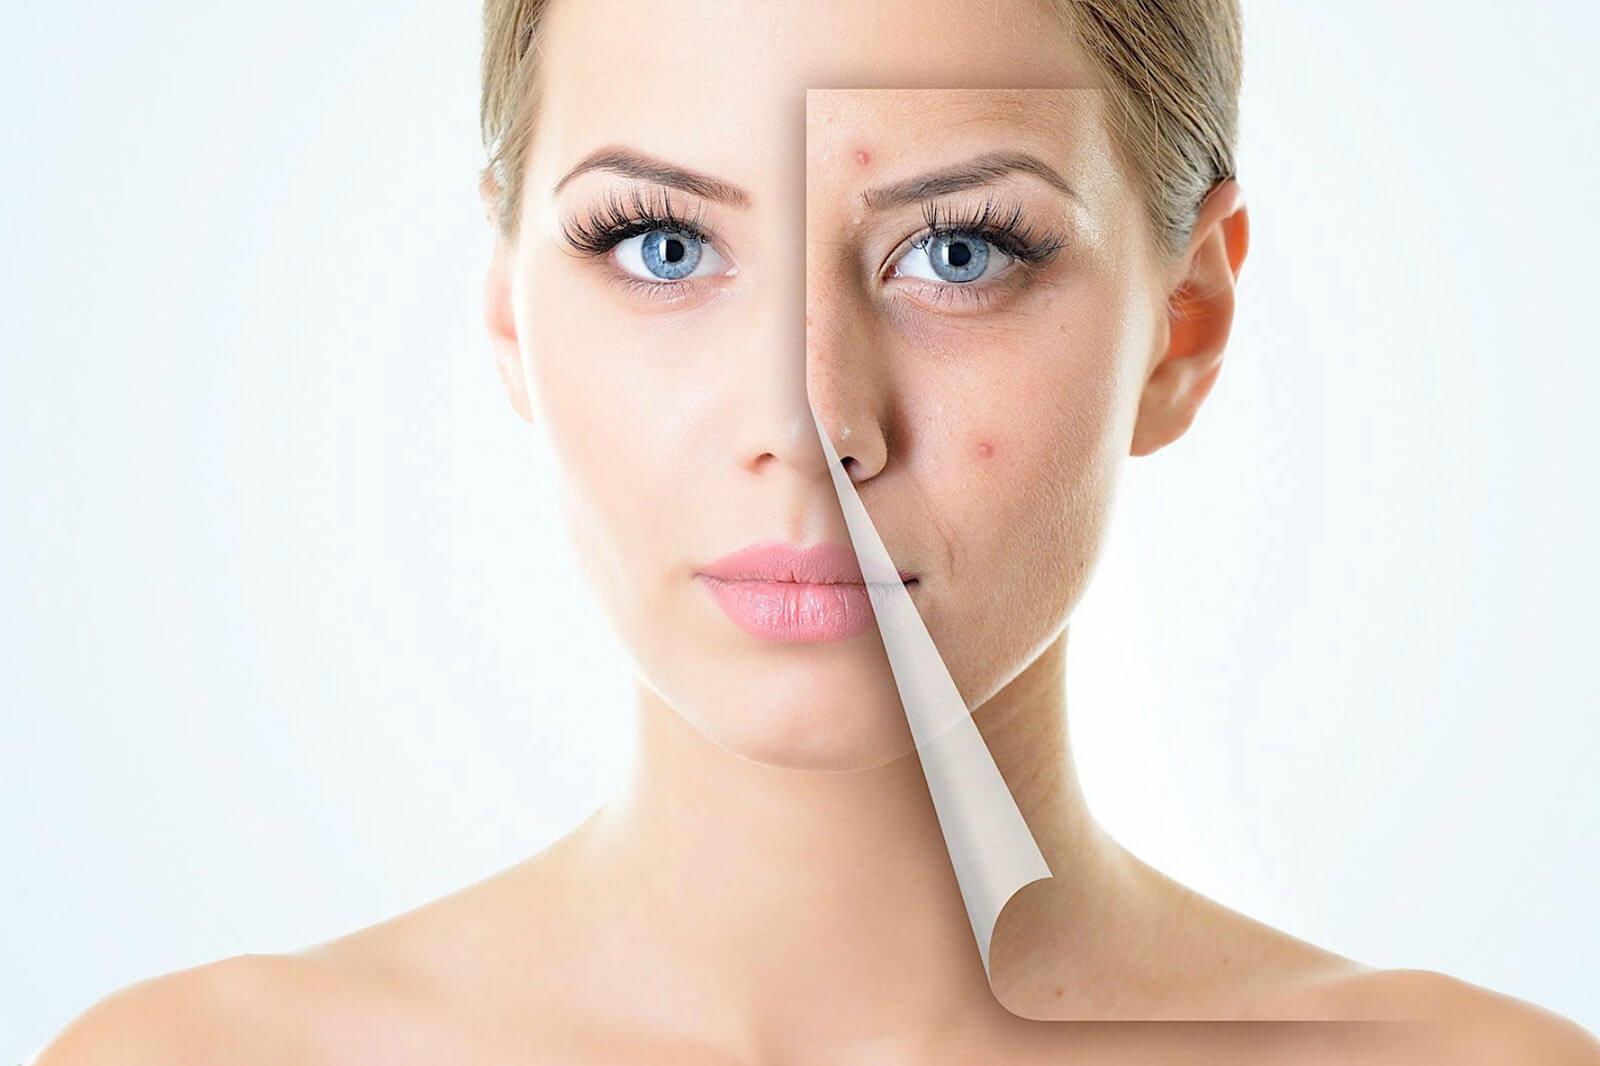 Хронический тонзиллит (осложненные формы) как причина кожных заболеваний